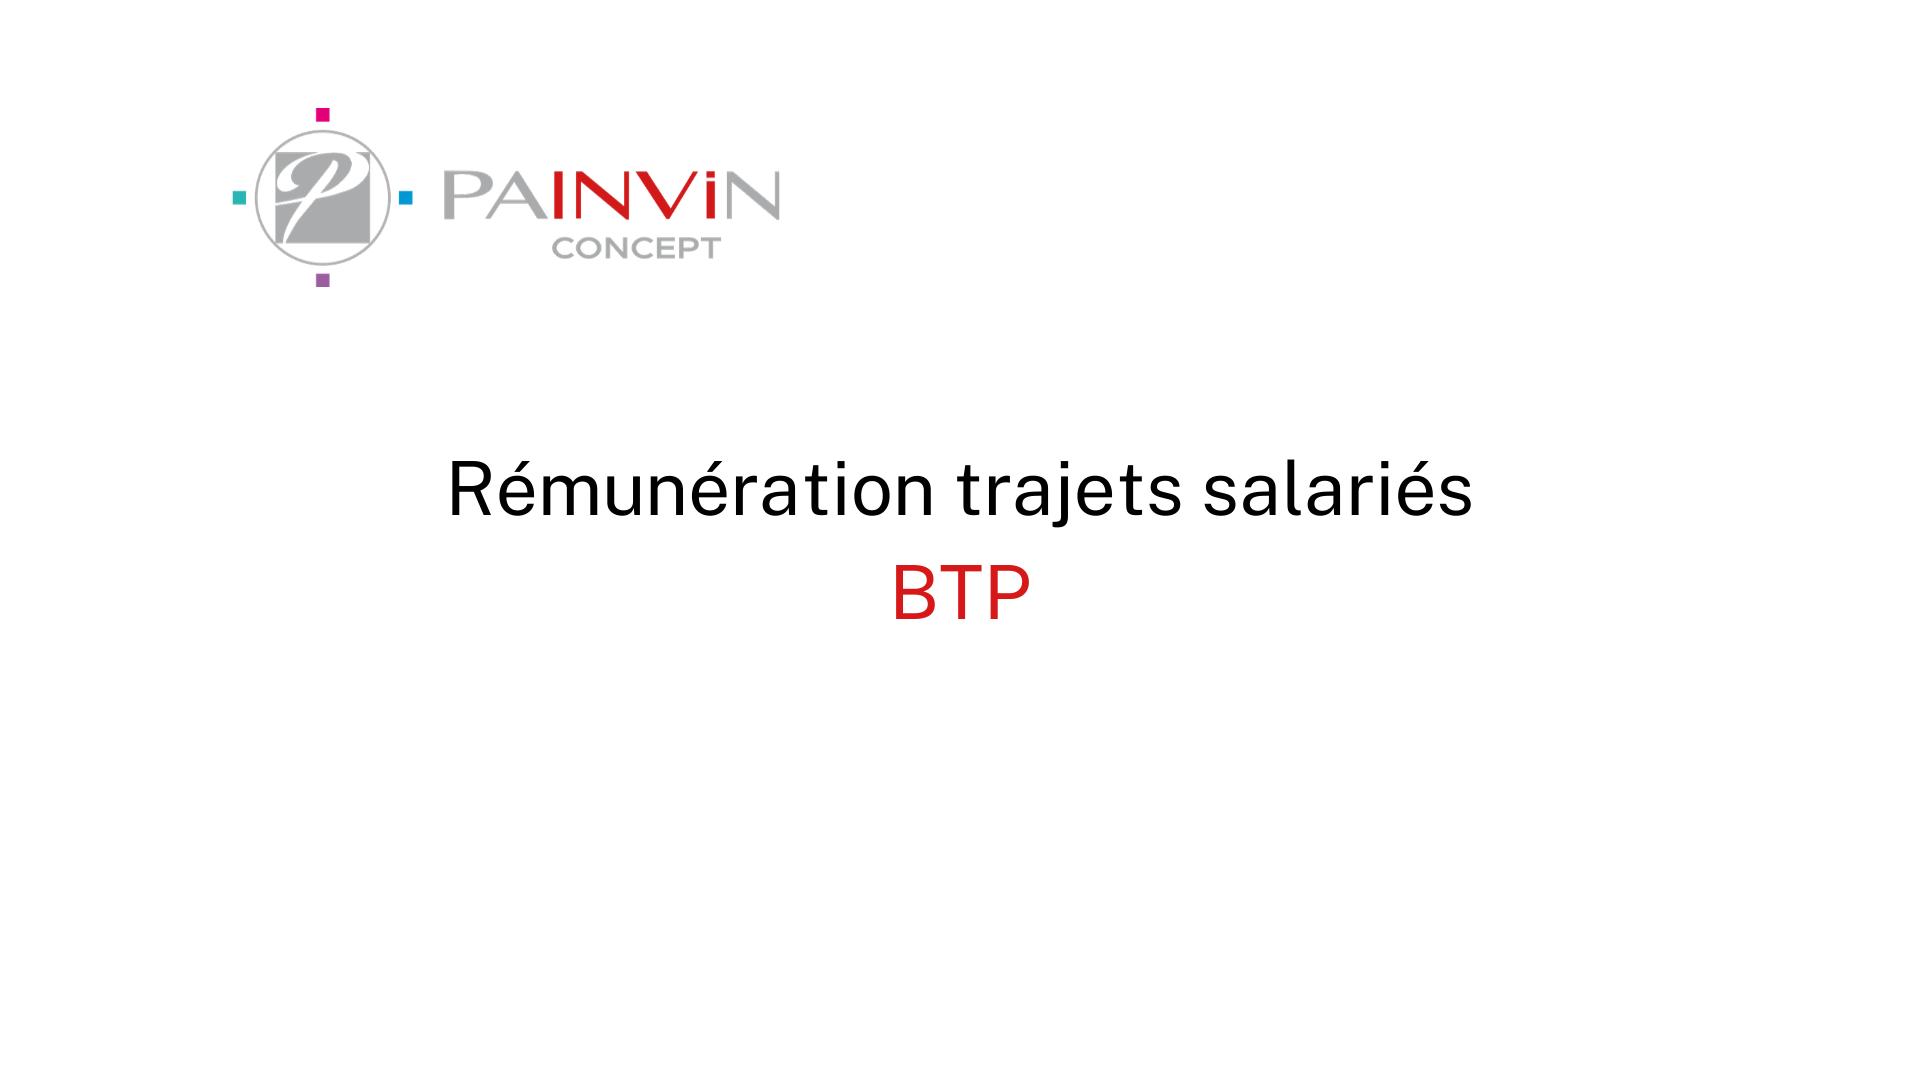 la rémunération des trajets pour les salariés du BTP